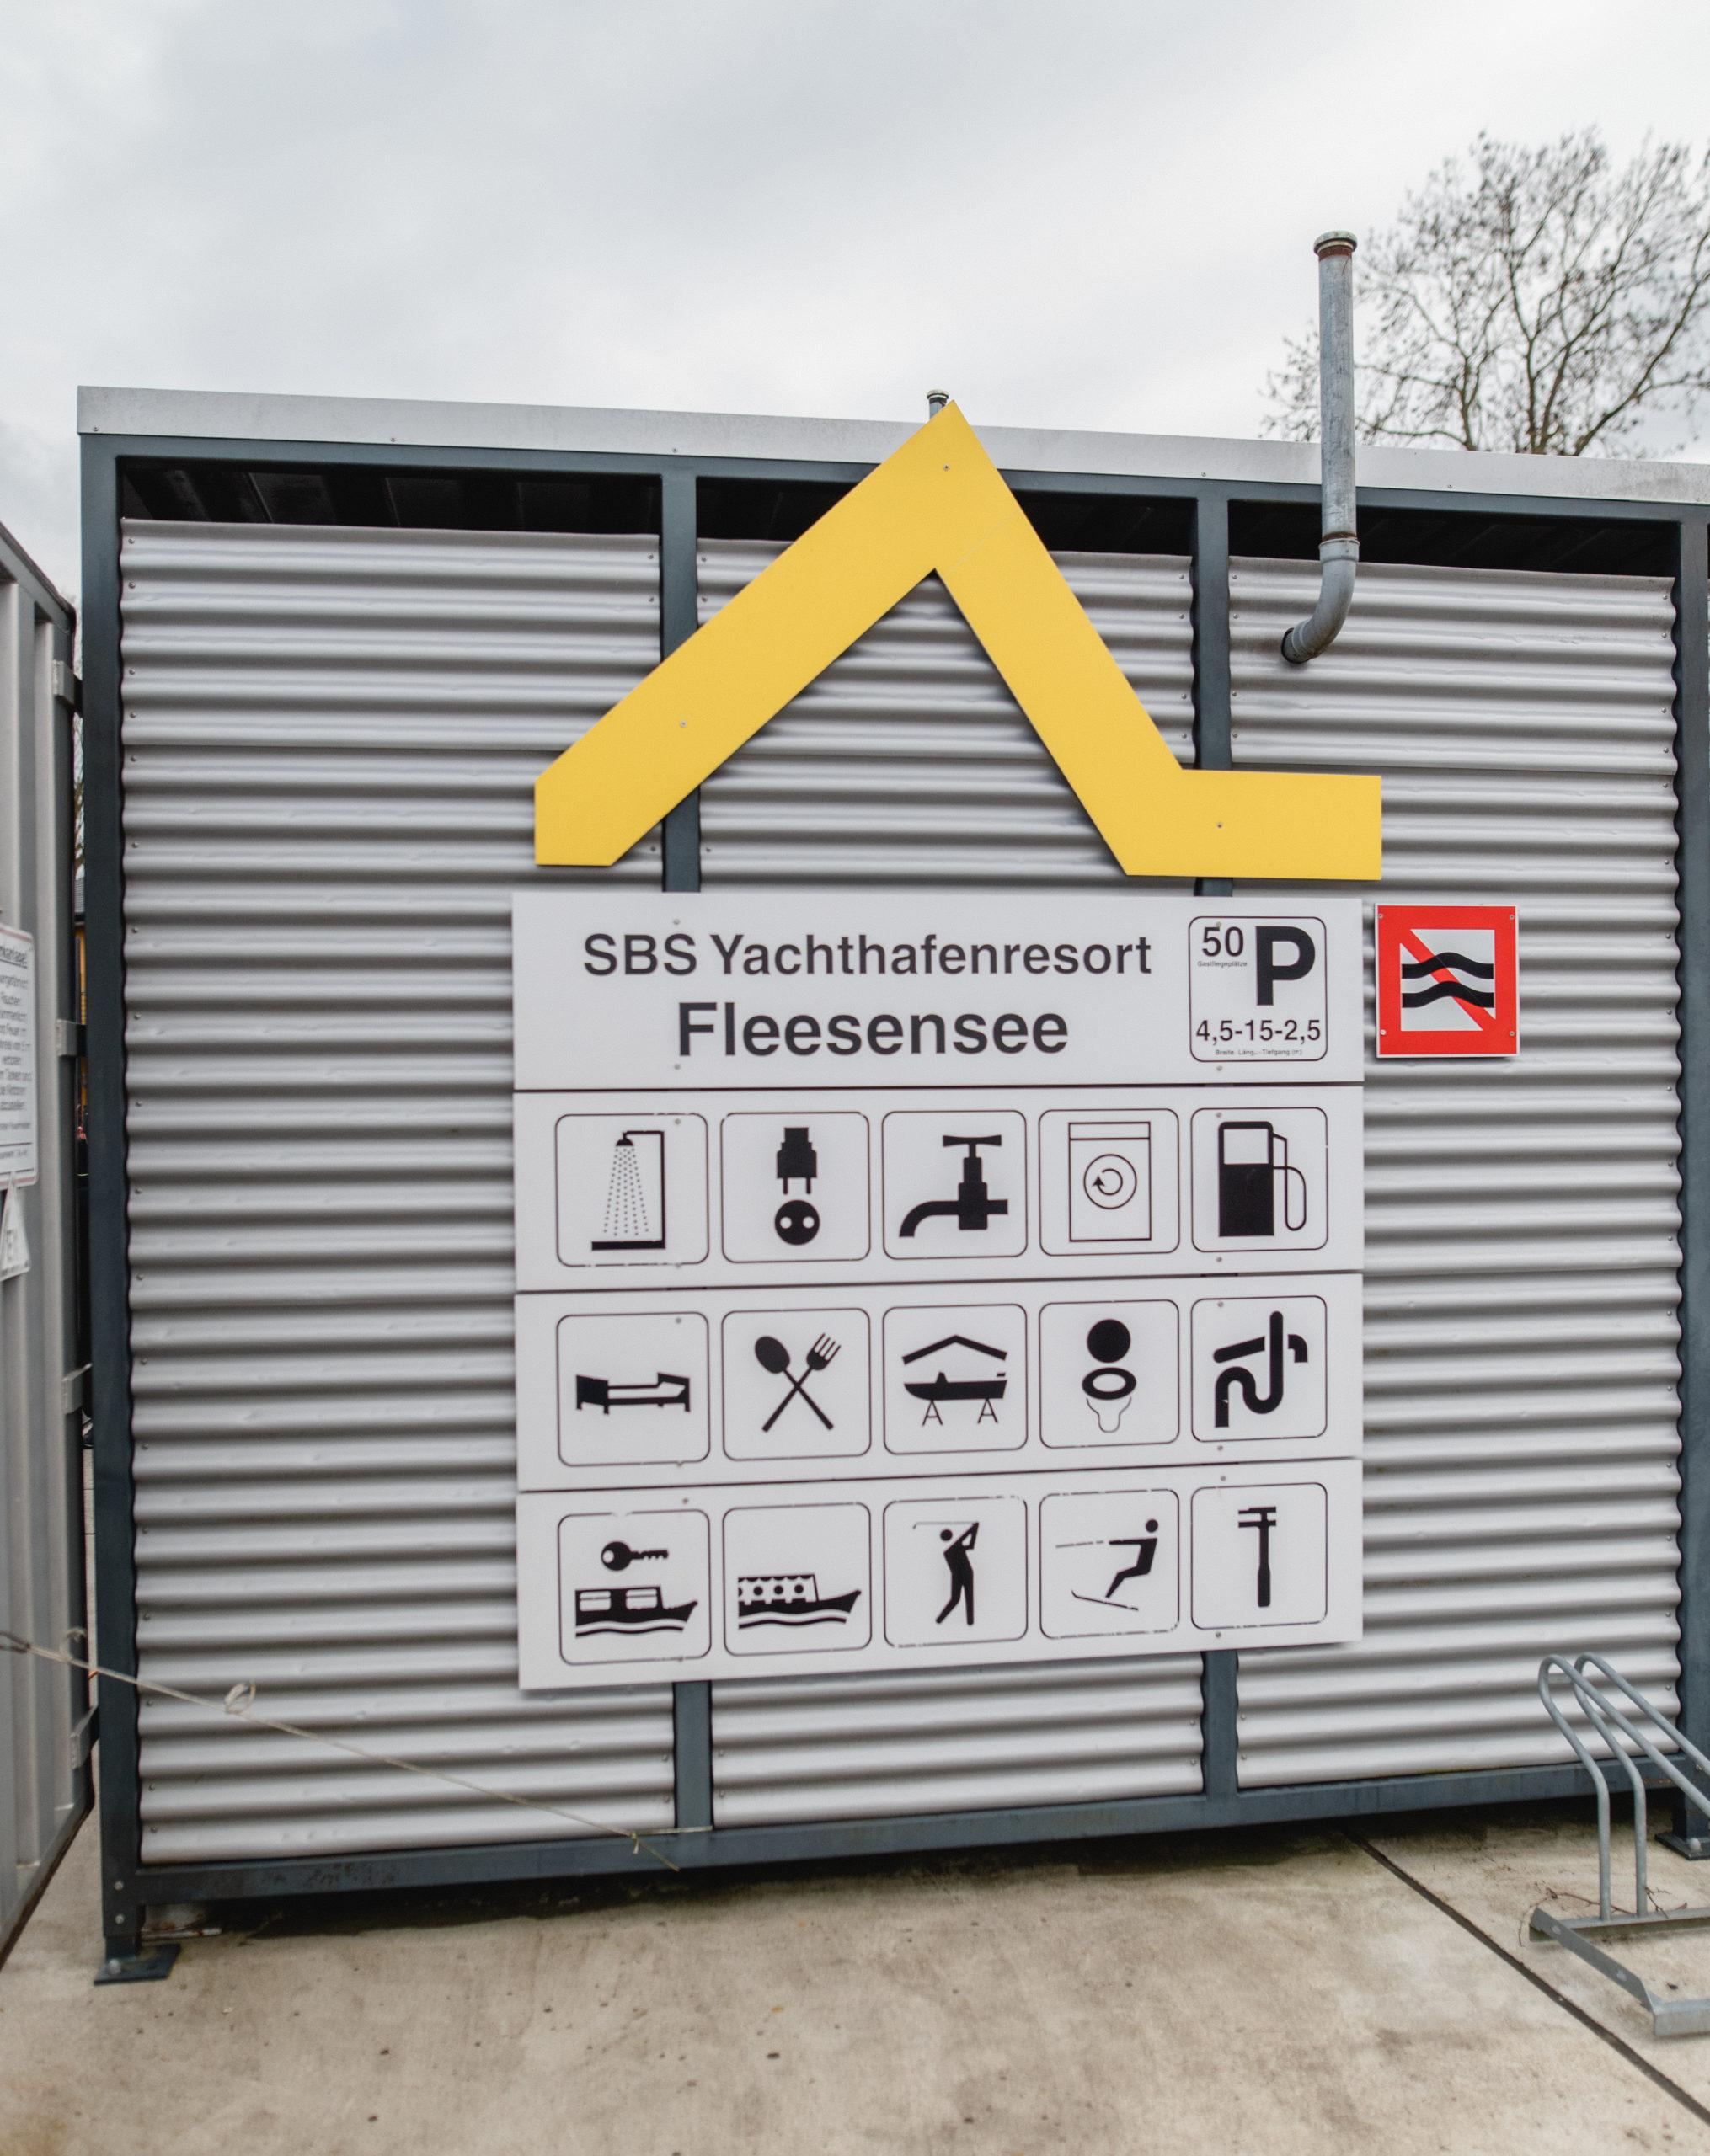 Yachthafenresort Fleesensee I🛥 www.sbs-fleesensee.de I Hafen